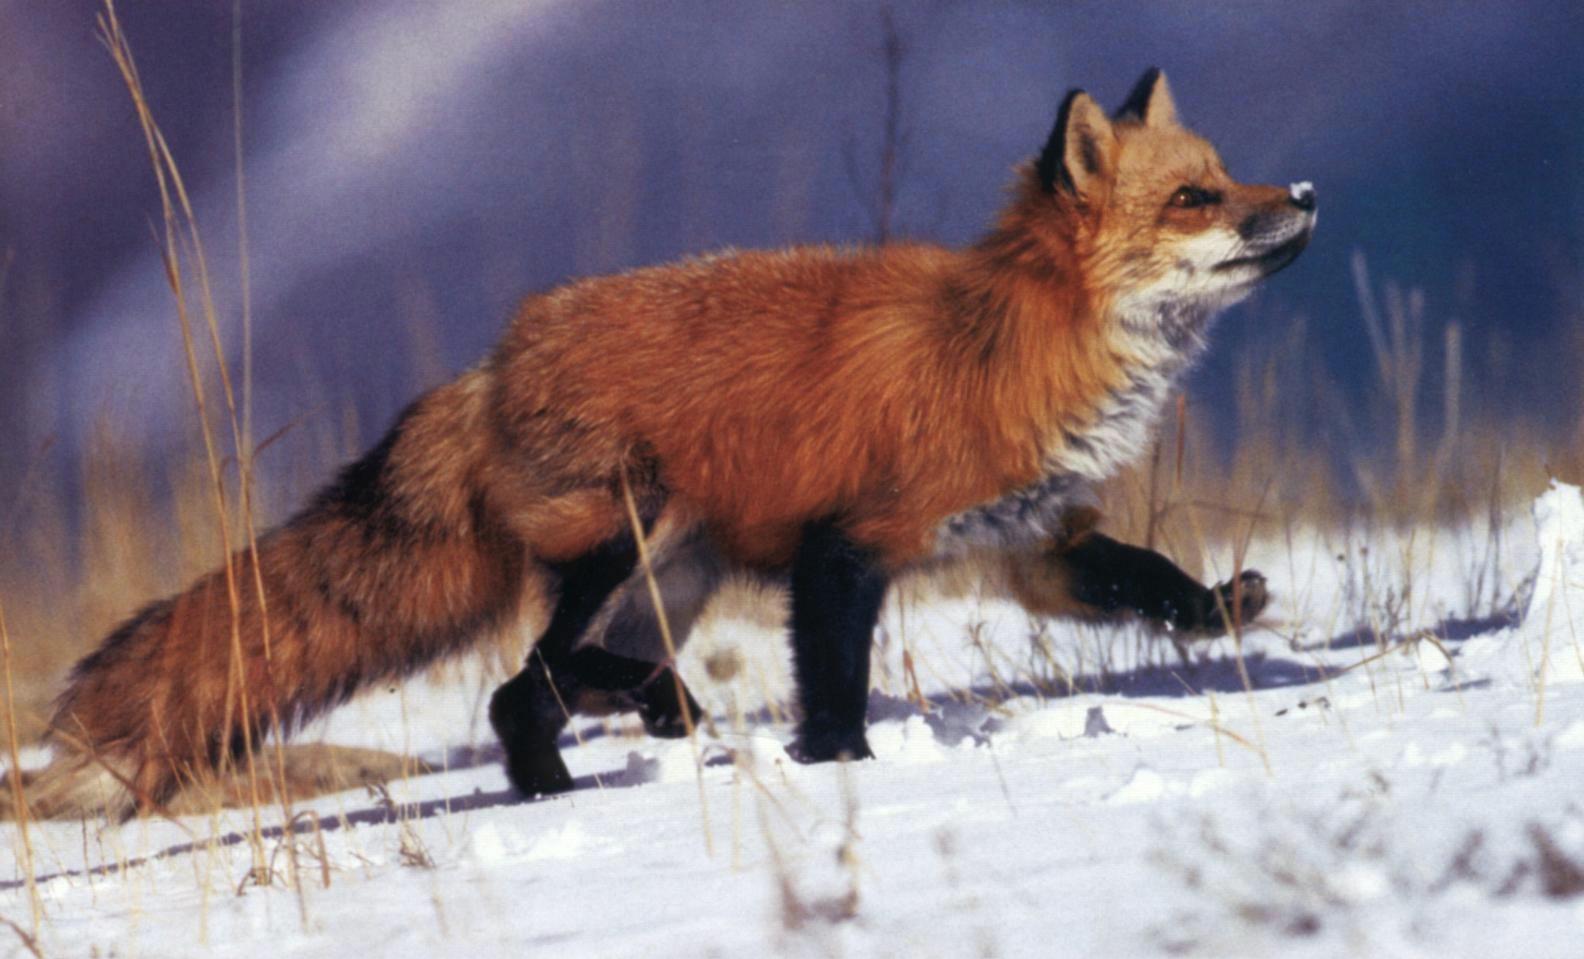 путевые заметки лиса, странствующего по мирам. ввиду отсутствия лиса не обновляются